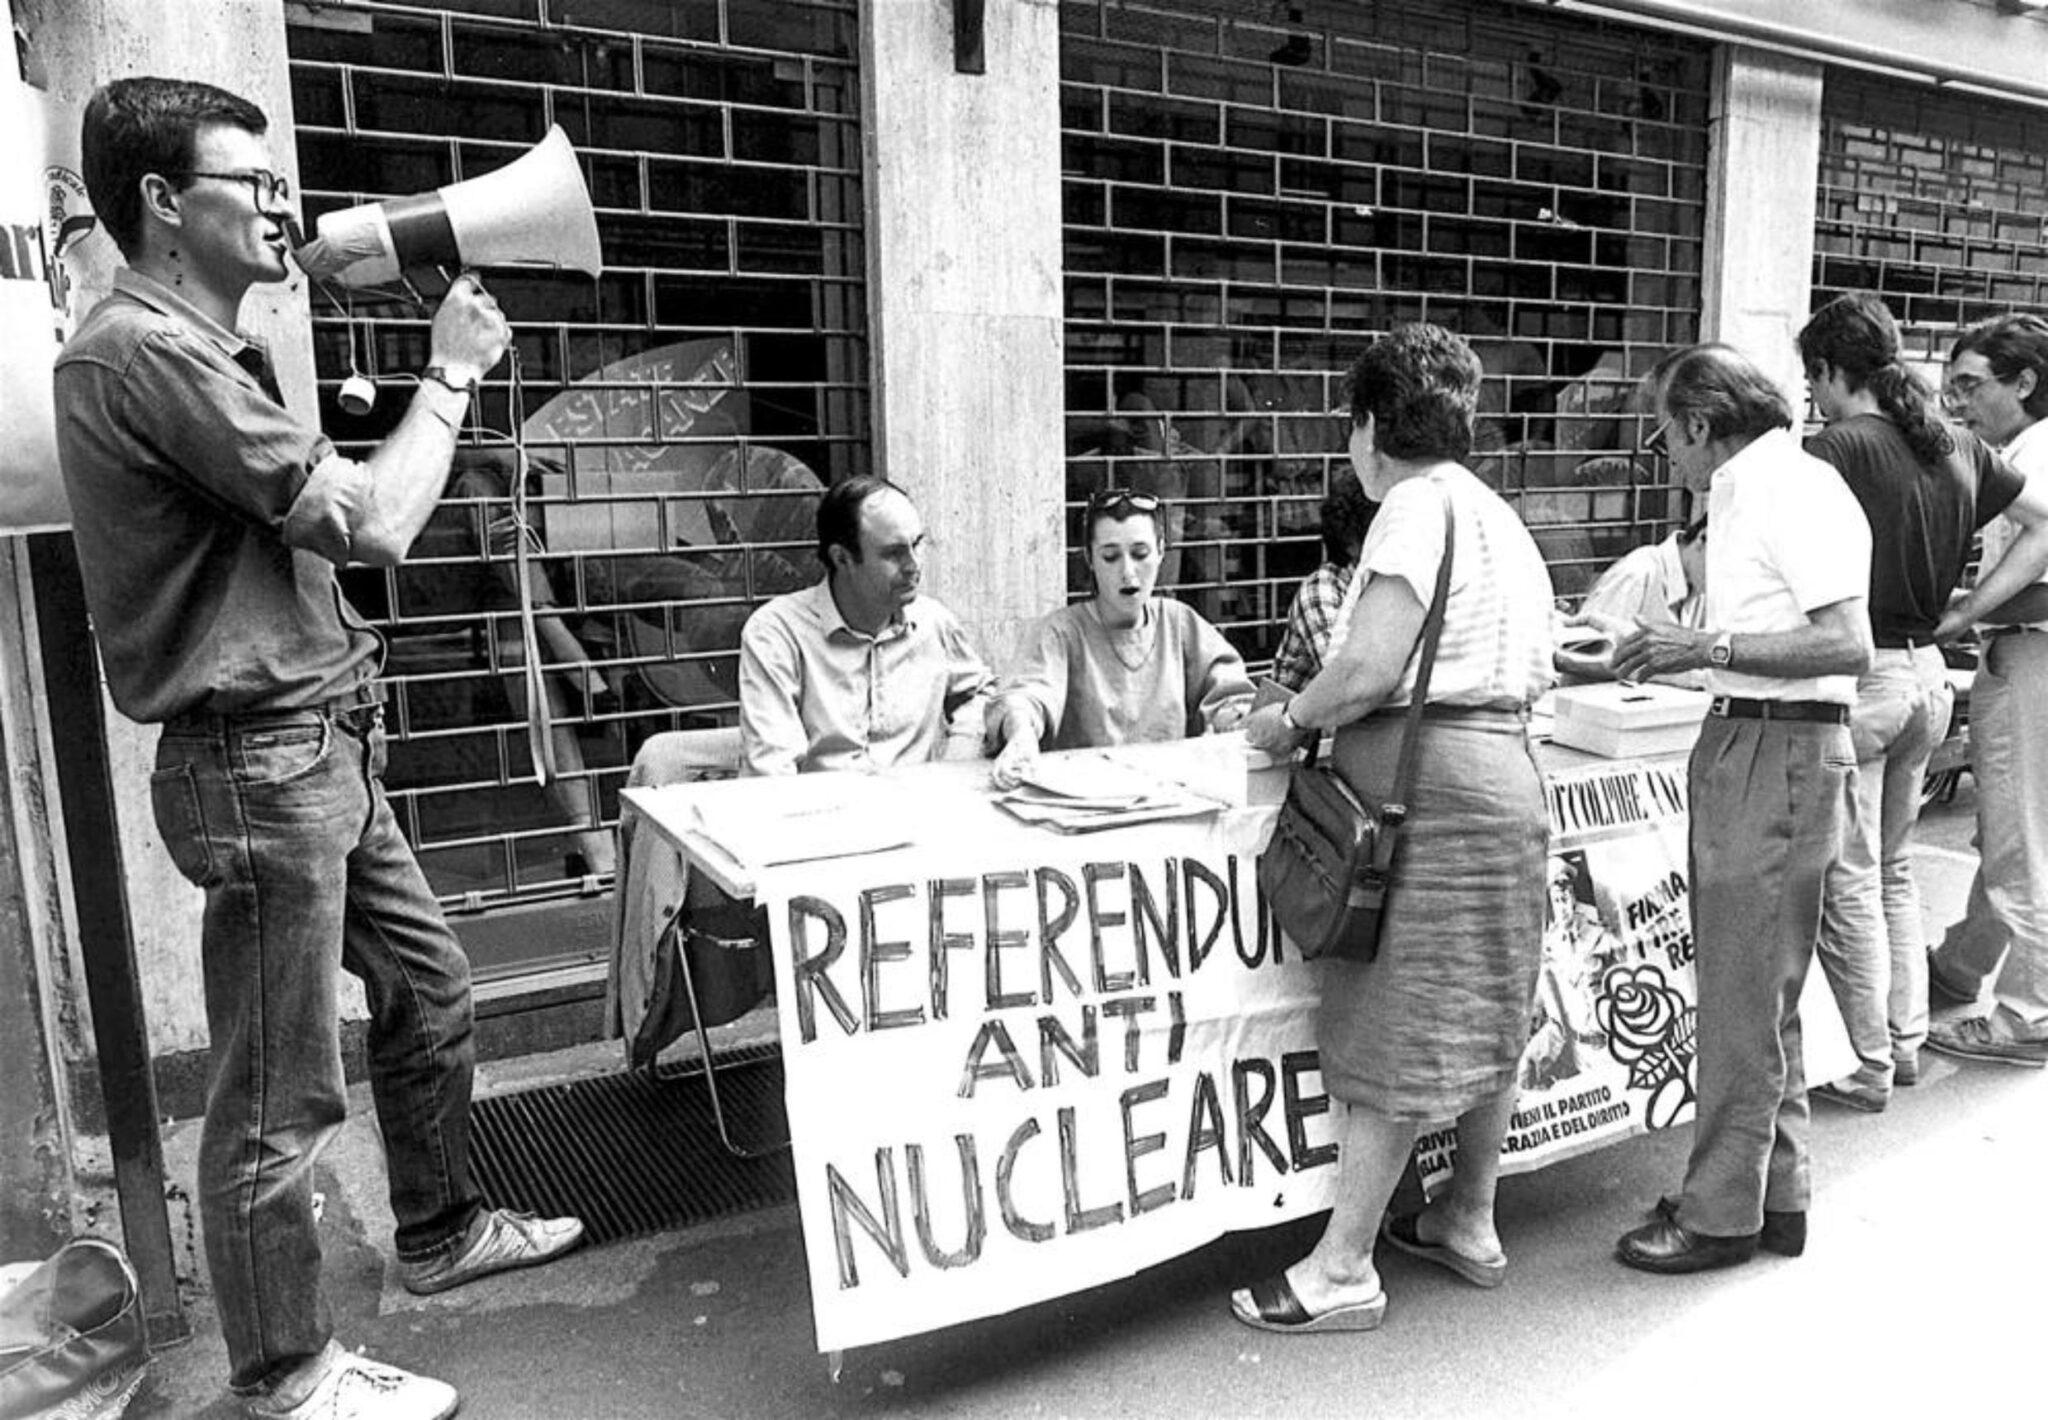 Referendum, Nucleare, Italia, Centrali, Abrogazione, Three Miles Island, Chernobyl, Proteste, Radicali, Politica, Pentapartito, Comunità scientifica, Piano Energetico Nazionale, SOGIN, Decommissioning, Energy Close-up Engineering.